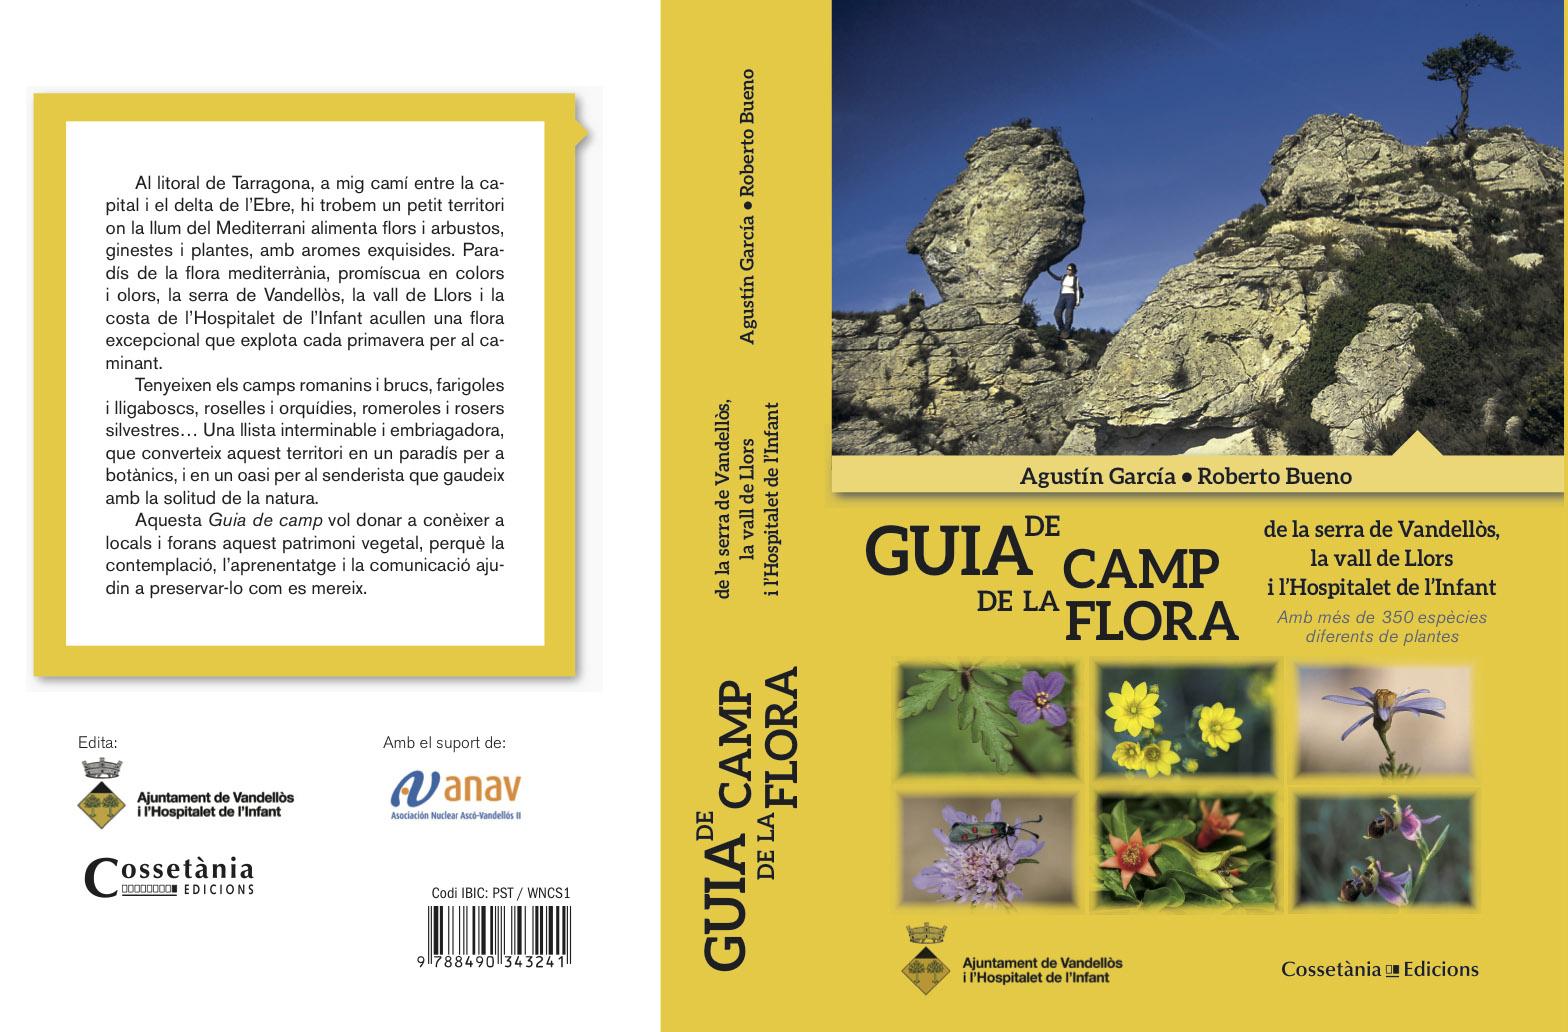 Guia de camp de la Flora - Field Guide of the Flora - L´Hospitalet de l´Infant - Vandellòs, Tarragona, Spain, Roberto Bueno; Photography